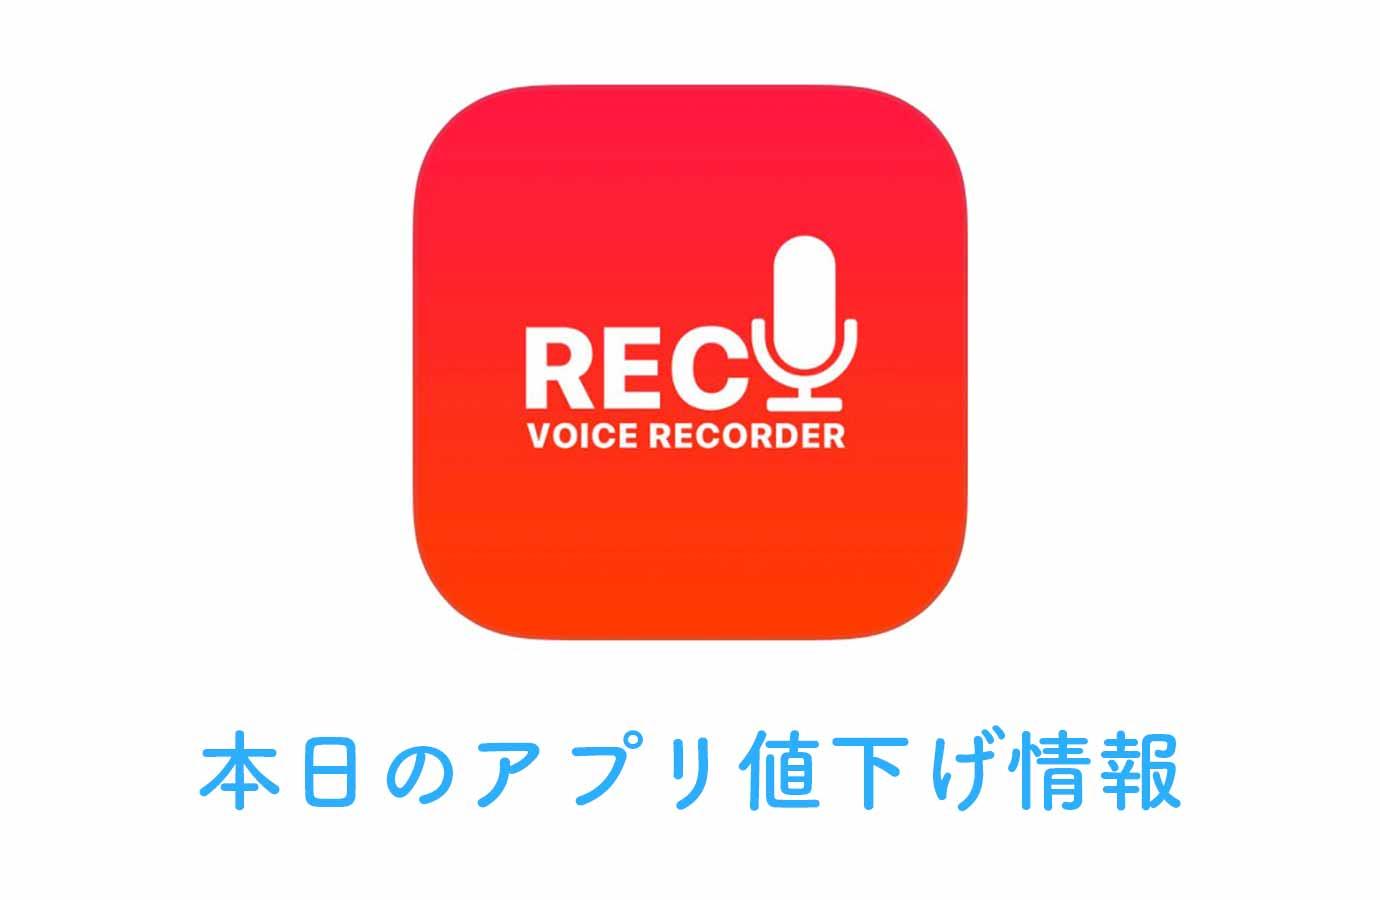 360円→無料!高機能ボイスレコーダーアプリ「プロボイスレコーダー」など【7/6版】アプリ値下げ情報